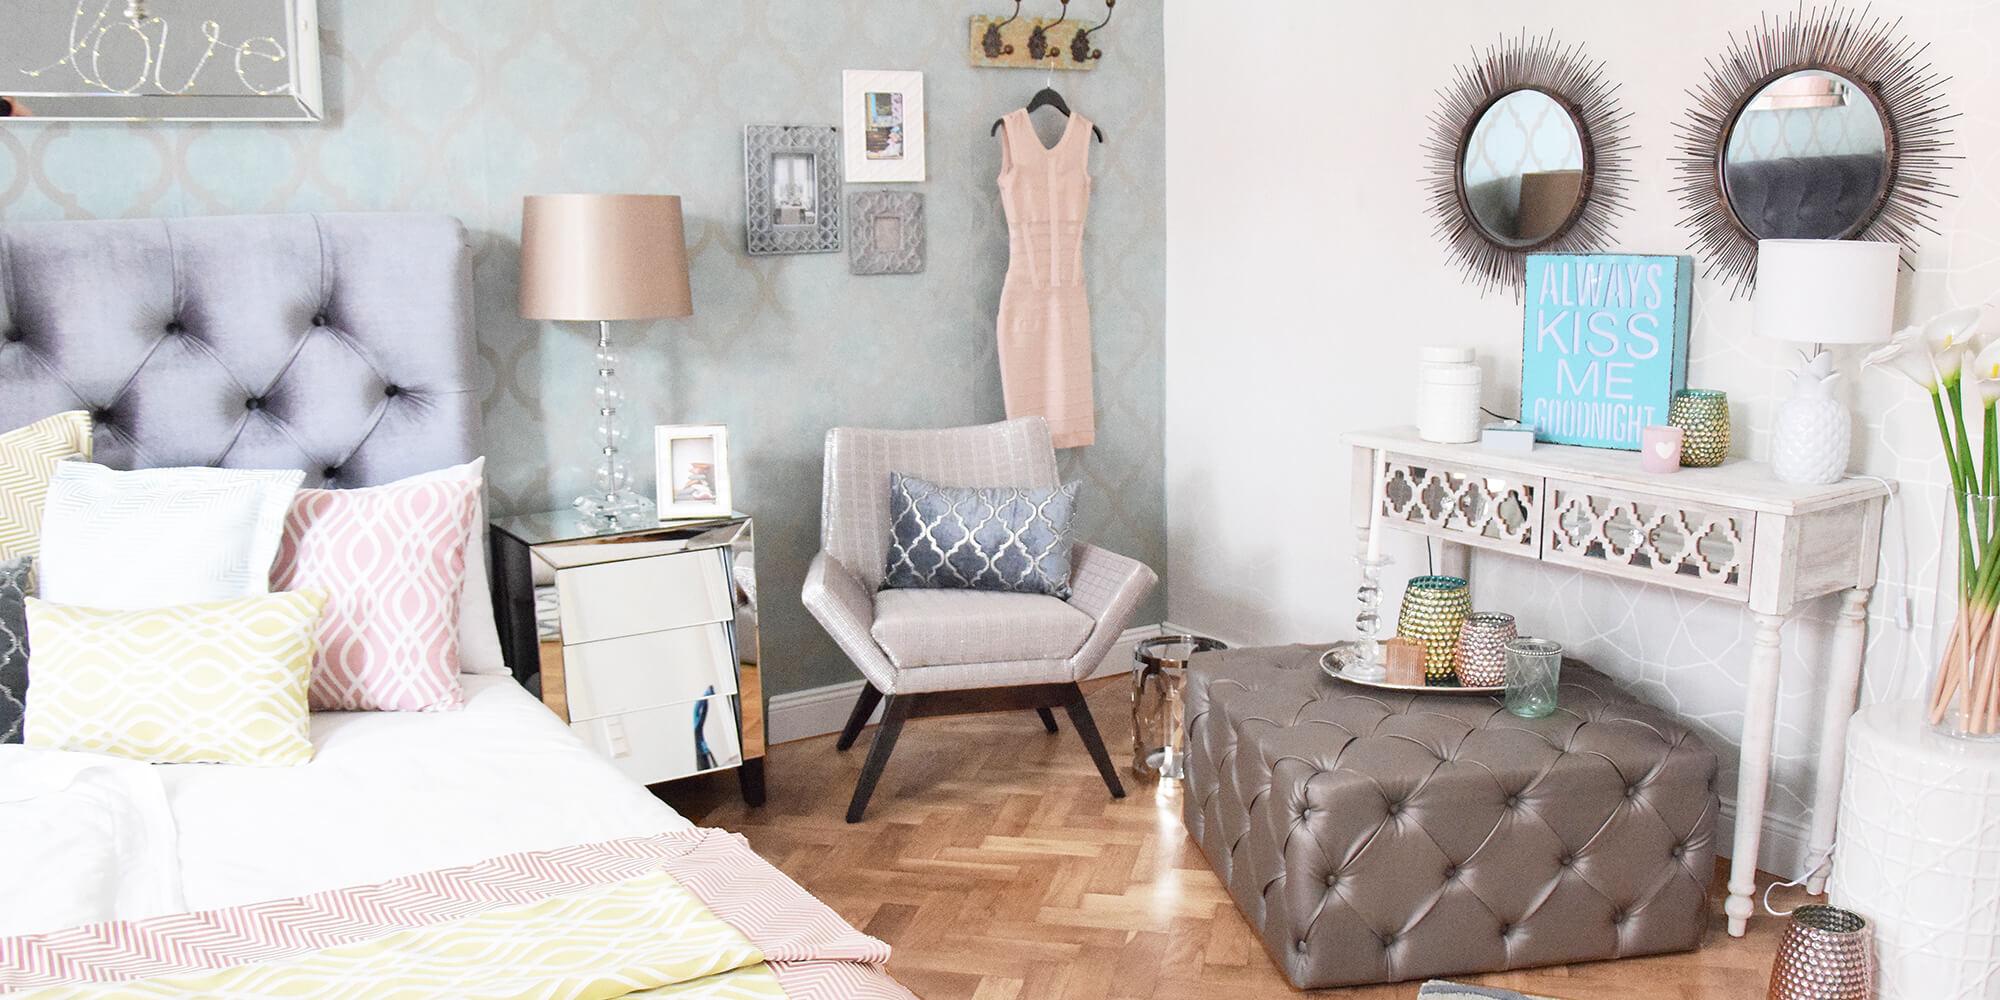 Blickfang im Schlafzimmer mit satinbezogenen Hocker